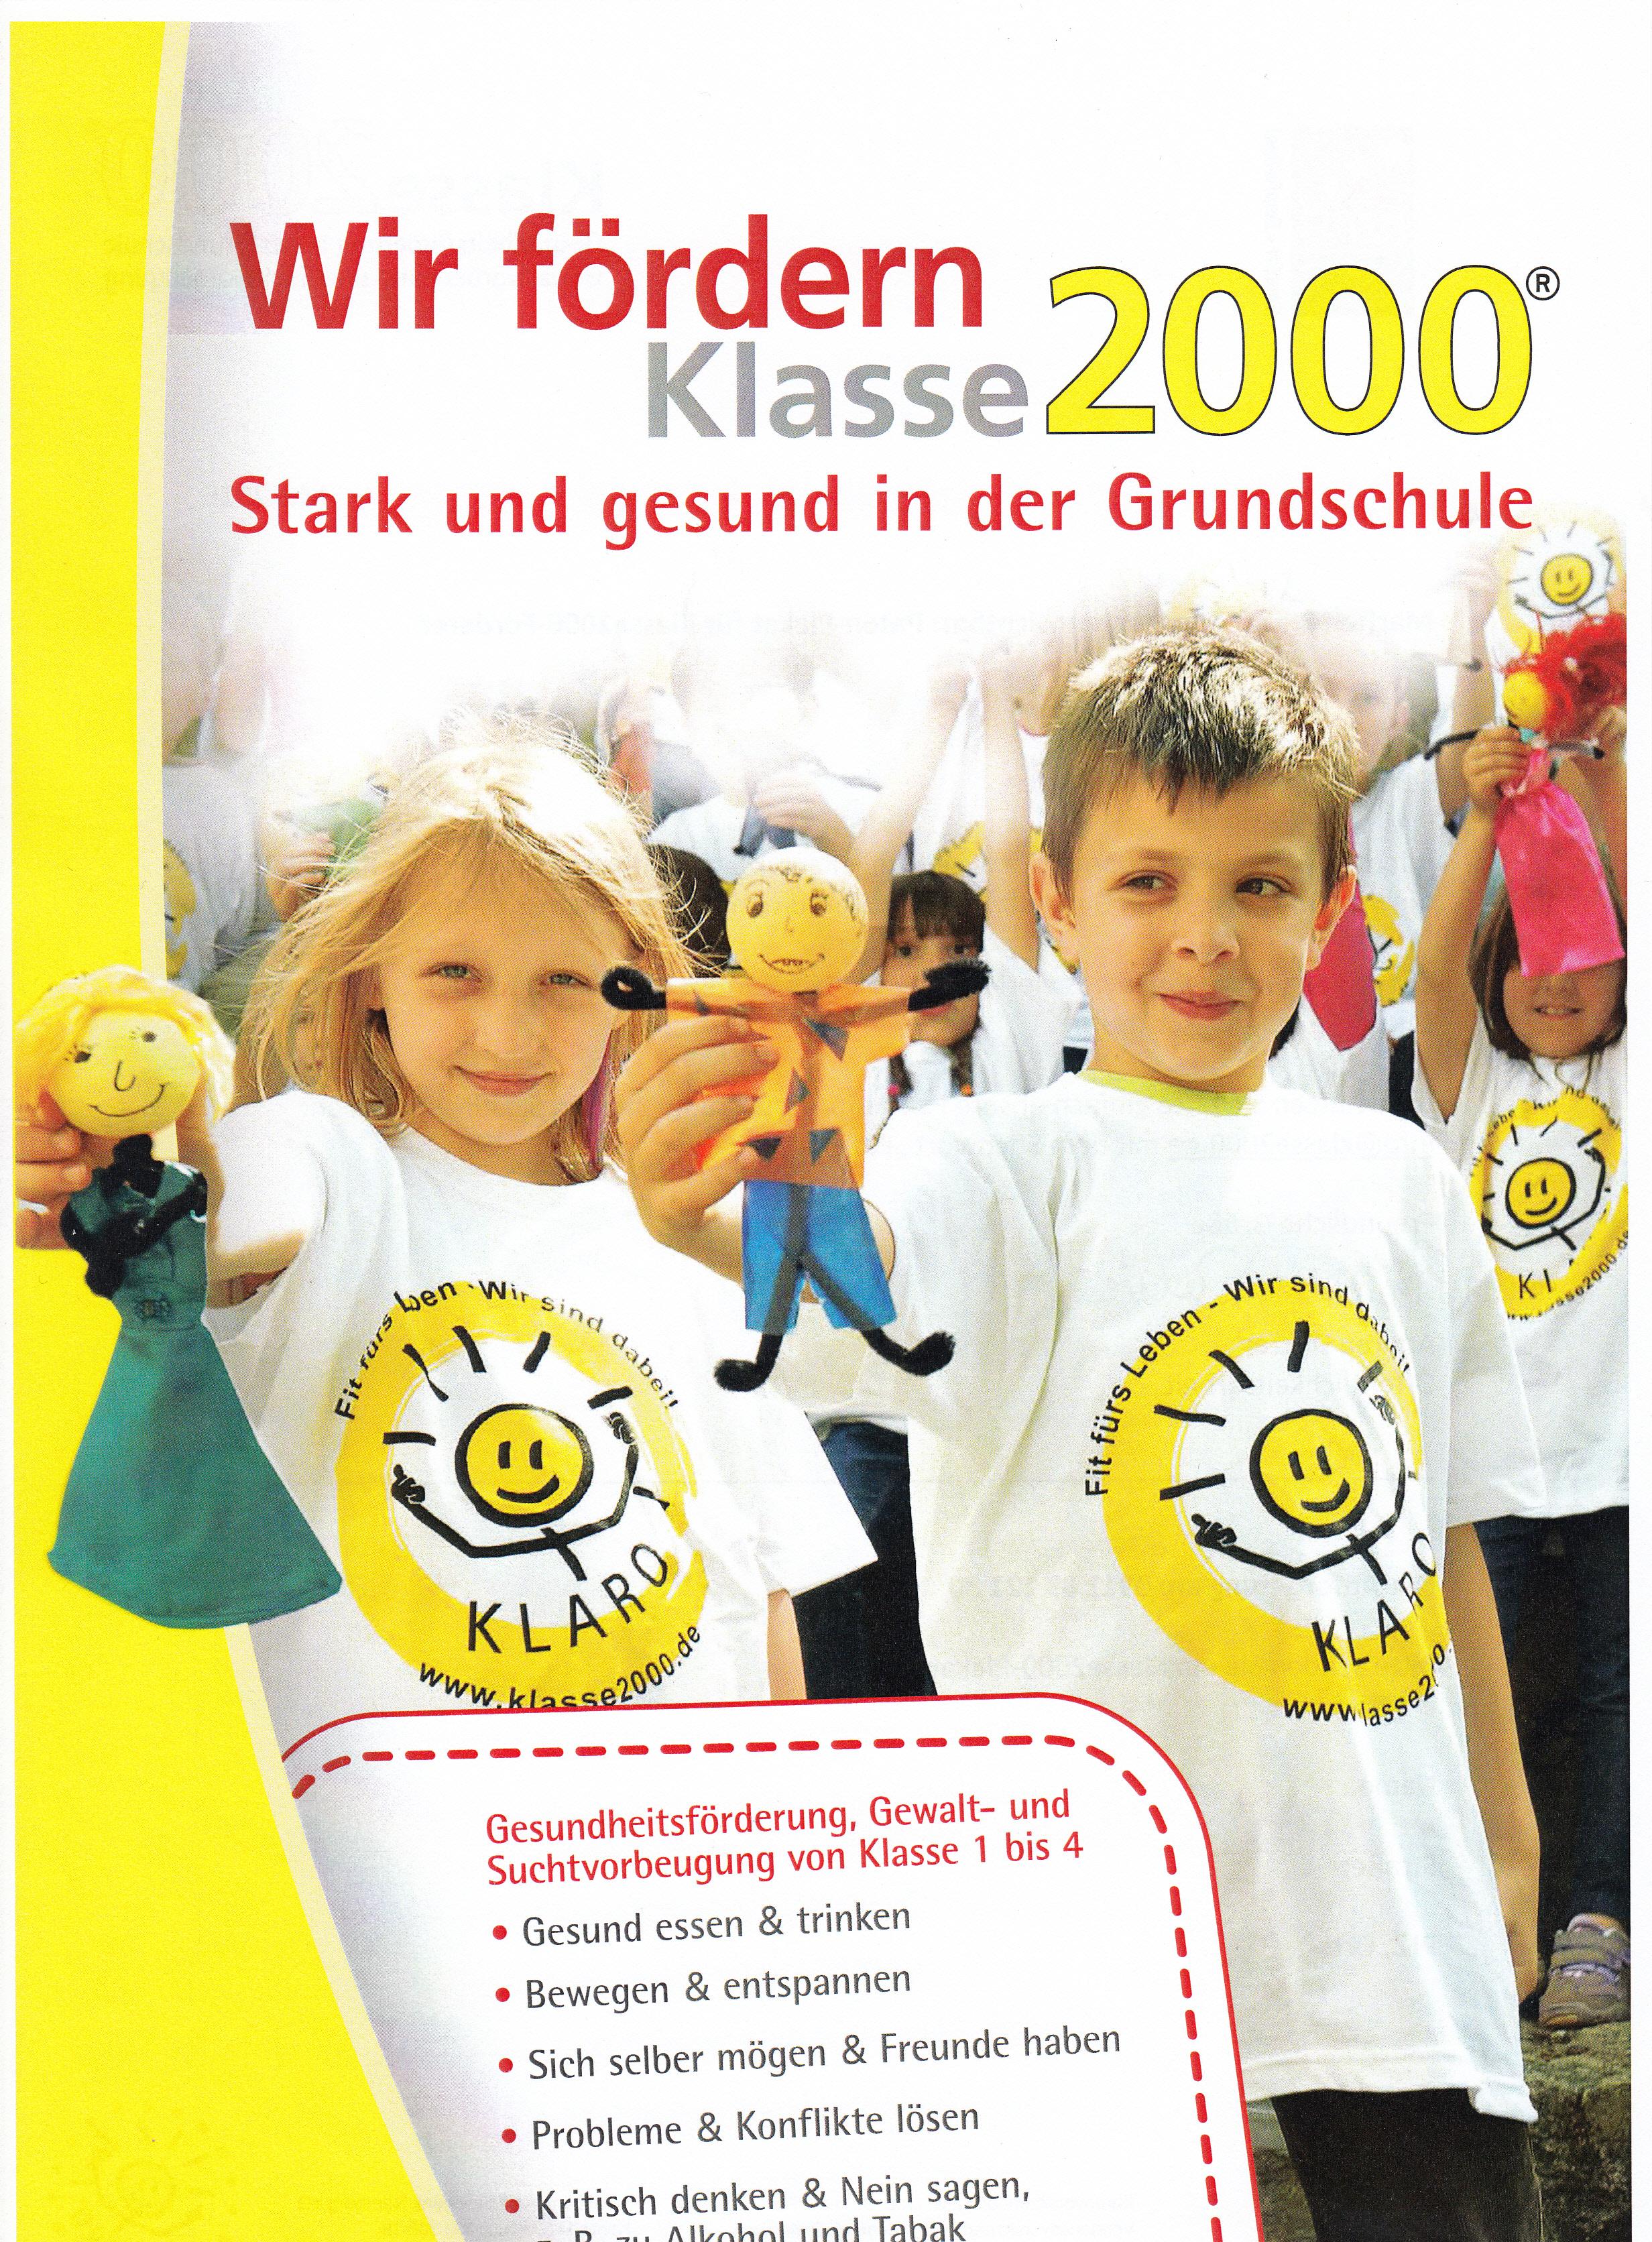 Klasse_2000_0002.jpg